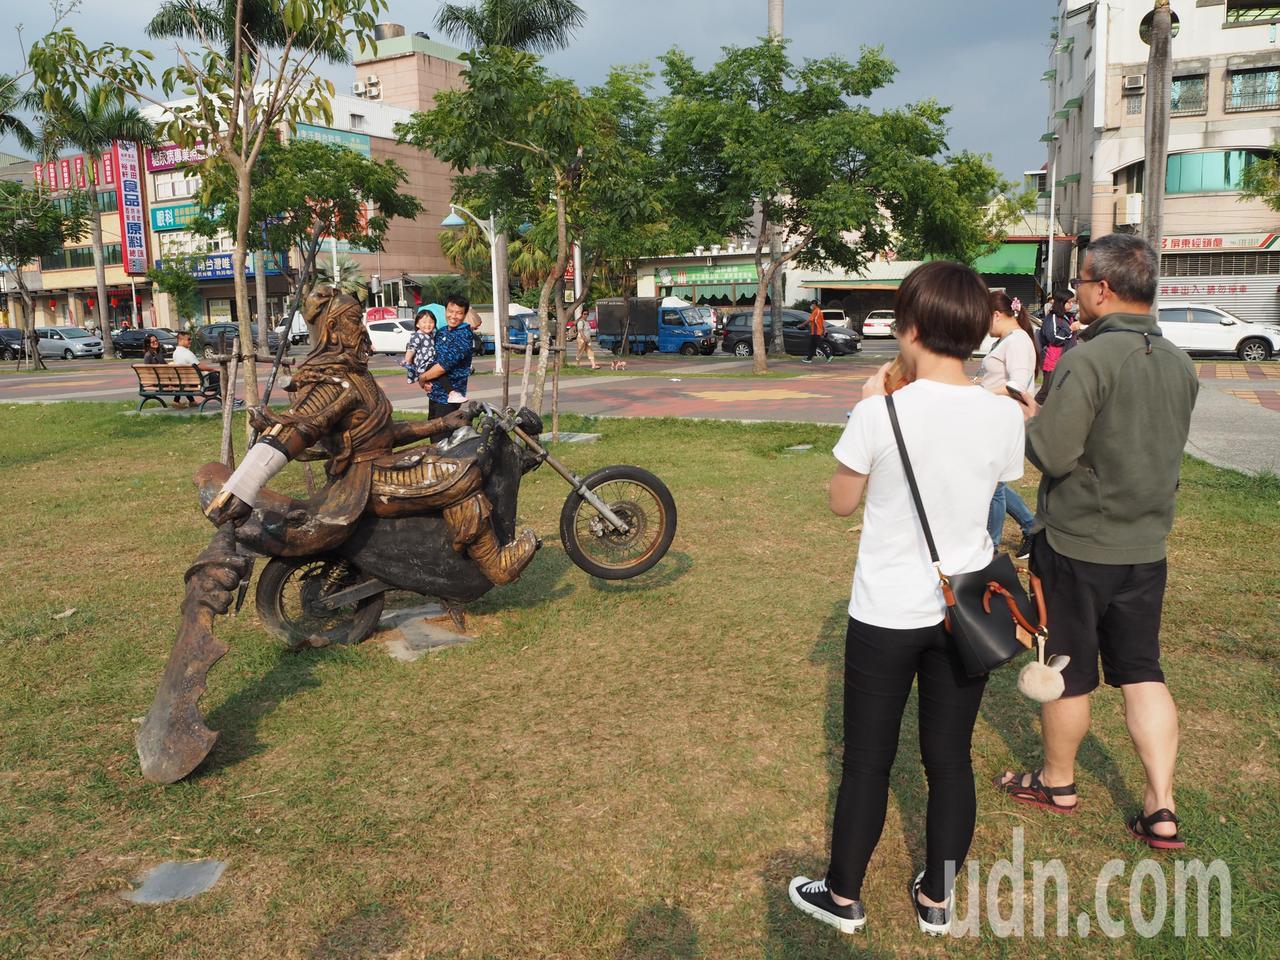 屏東市千禧公園斷手的「關公騎機車」裝飾藝術品被民眾「接骨療傷」成為民眾注意的焦點...